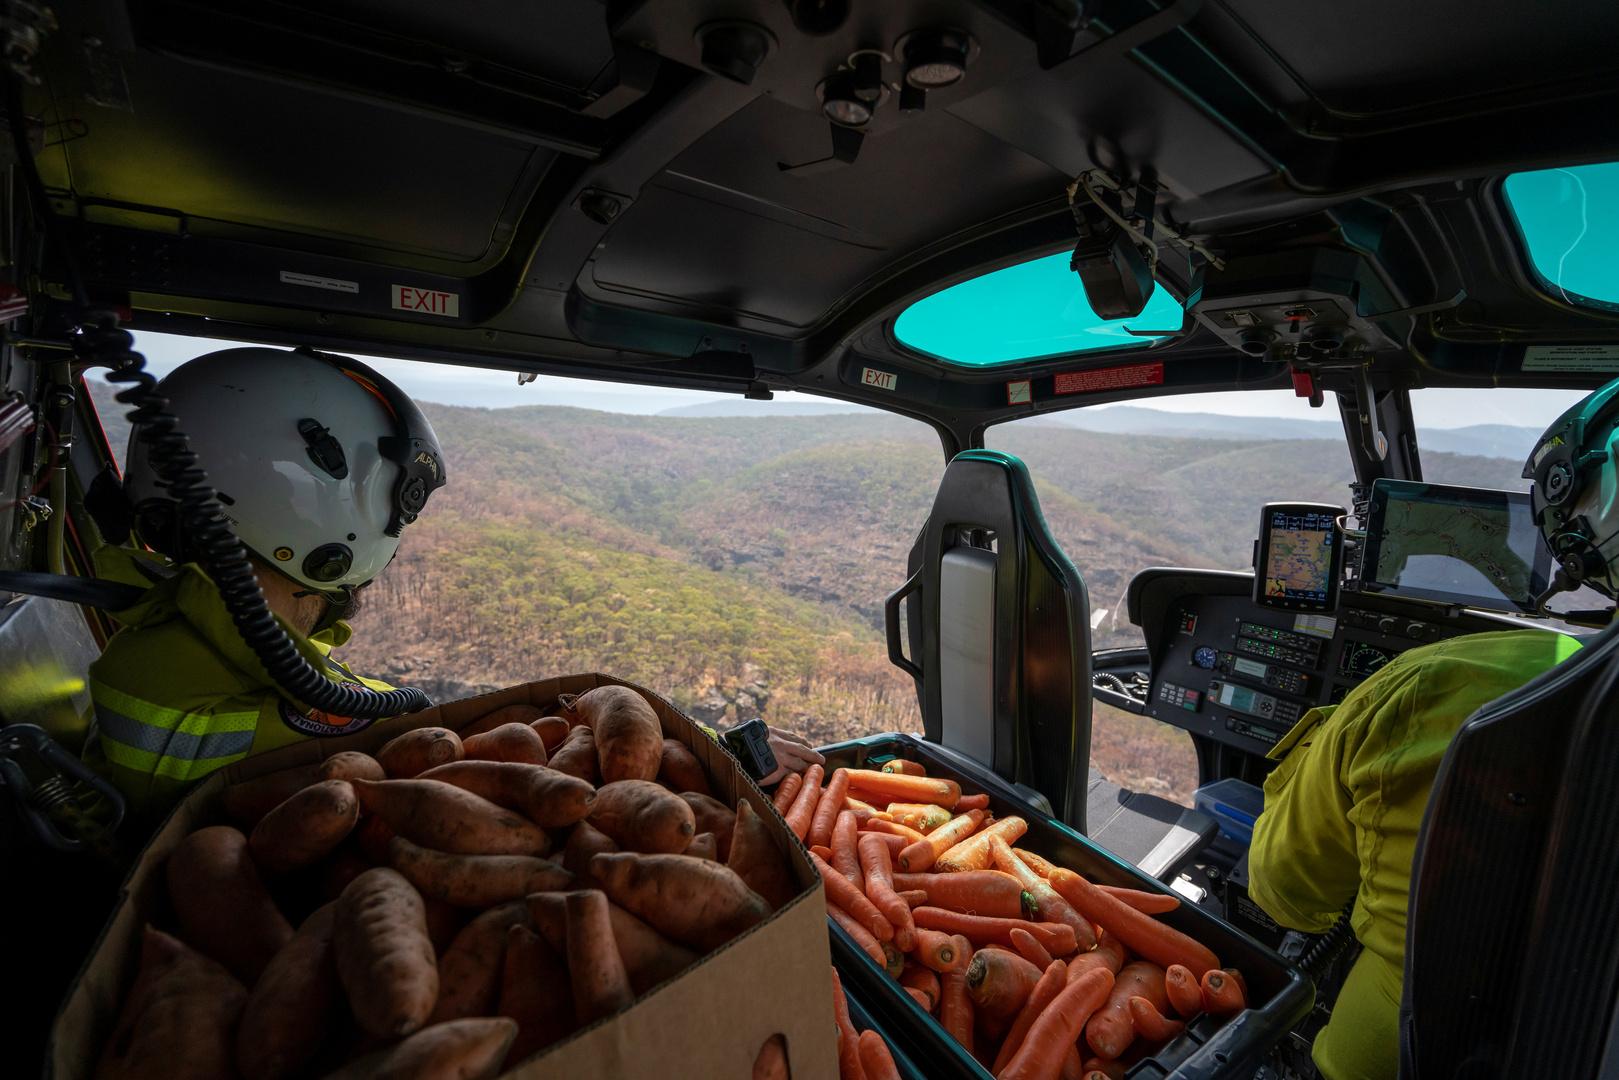 أستراليا تنقذ حيواناتها بالجزر والبطاطا (صور + فيديو)